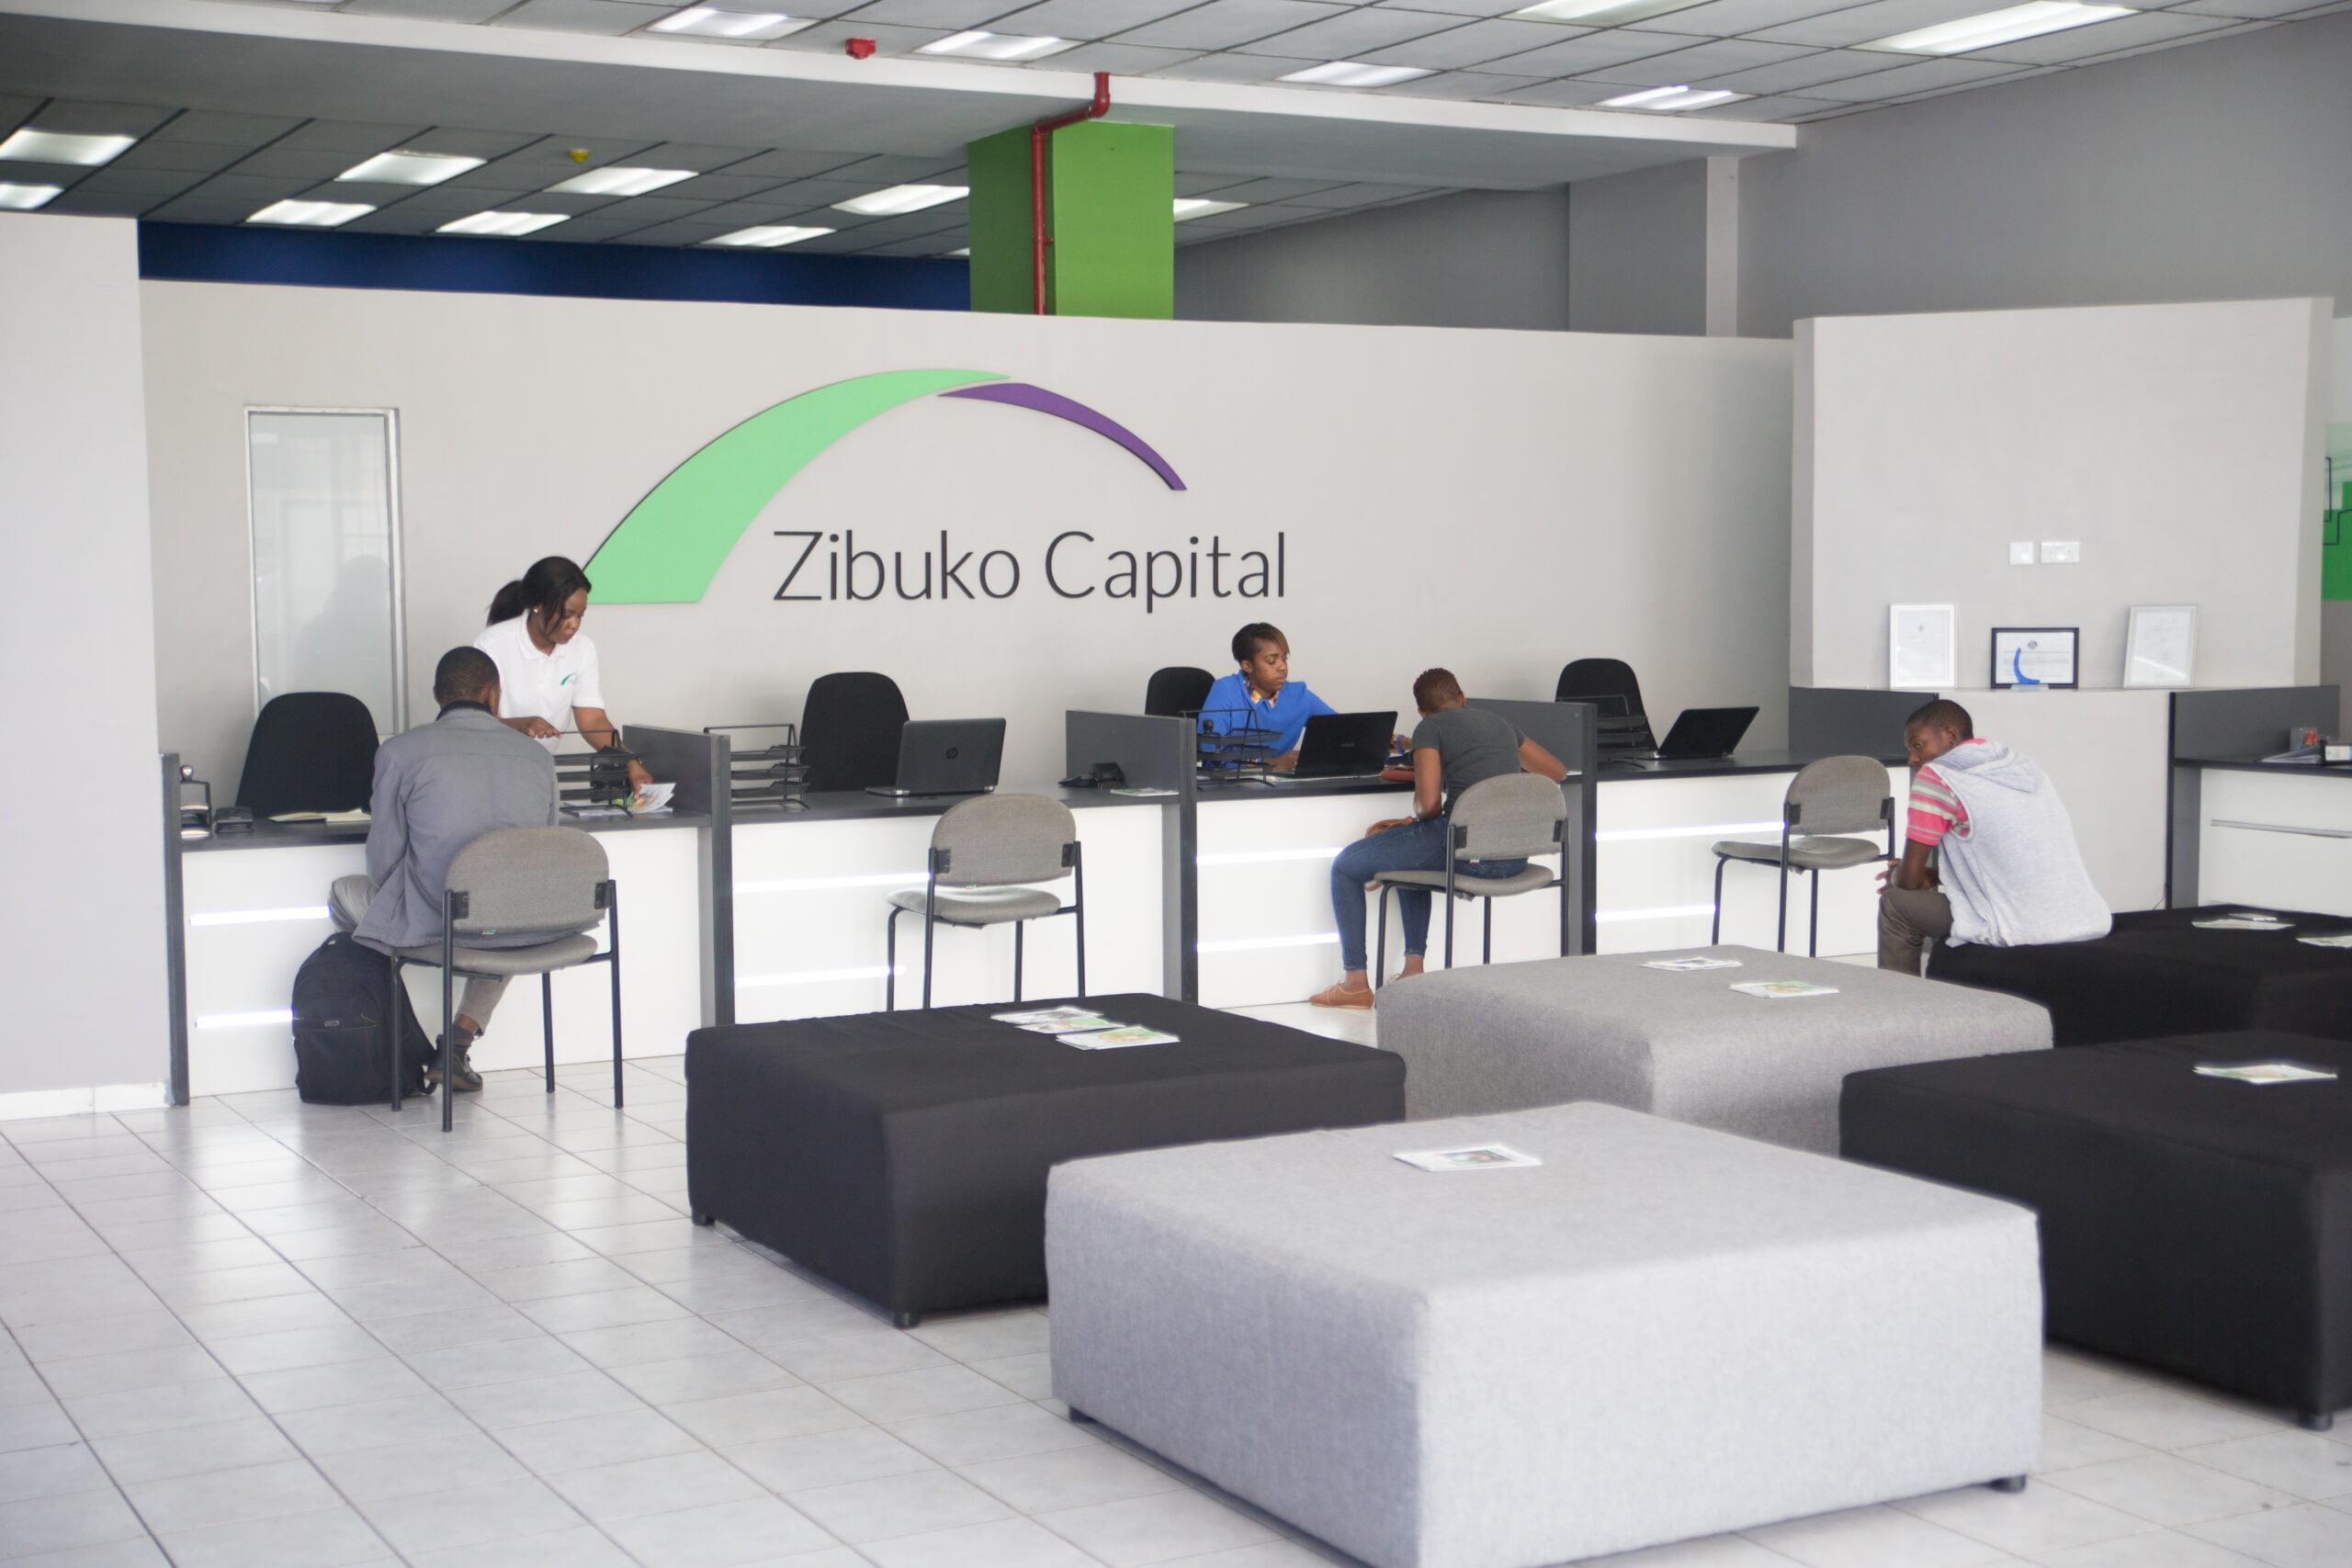 Zibuko Capital in Zimbabwe see the benefits of going digital